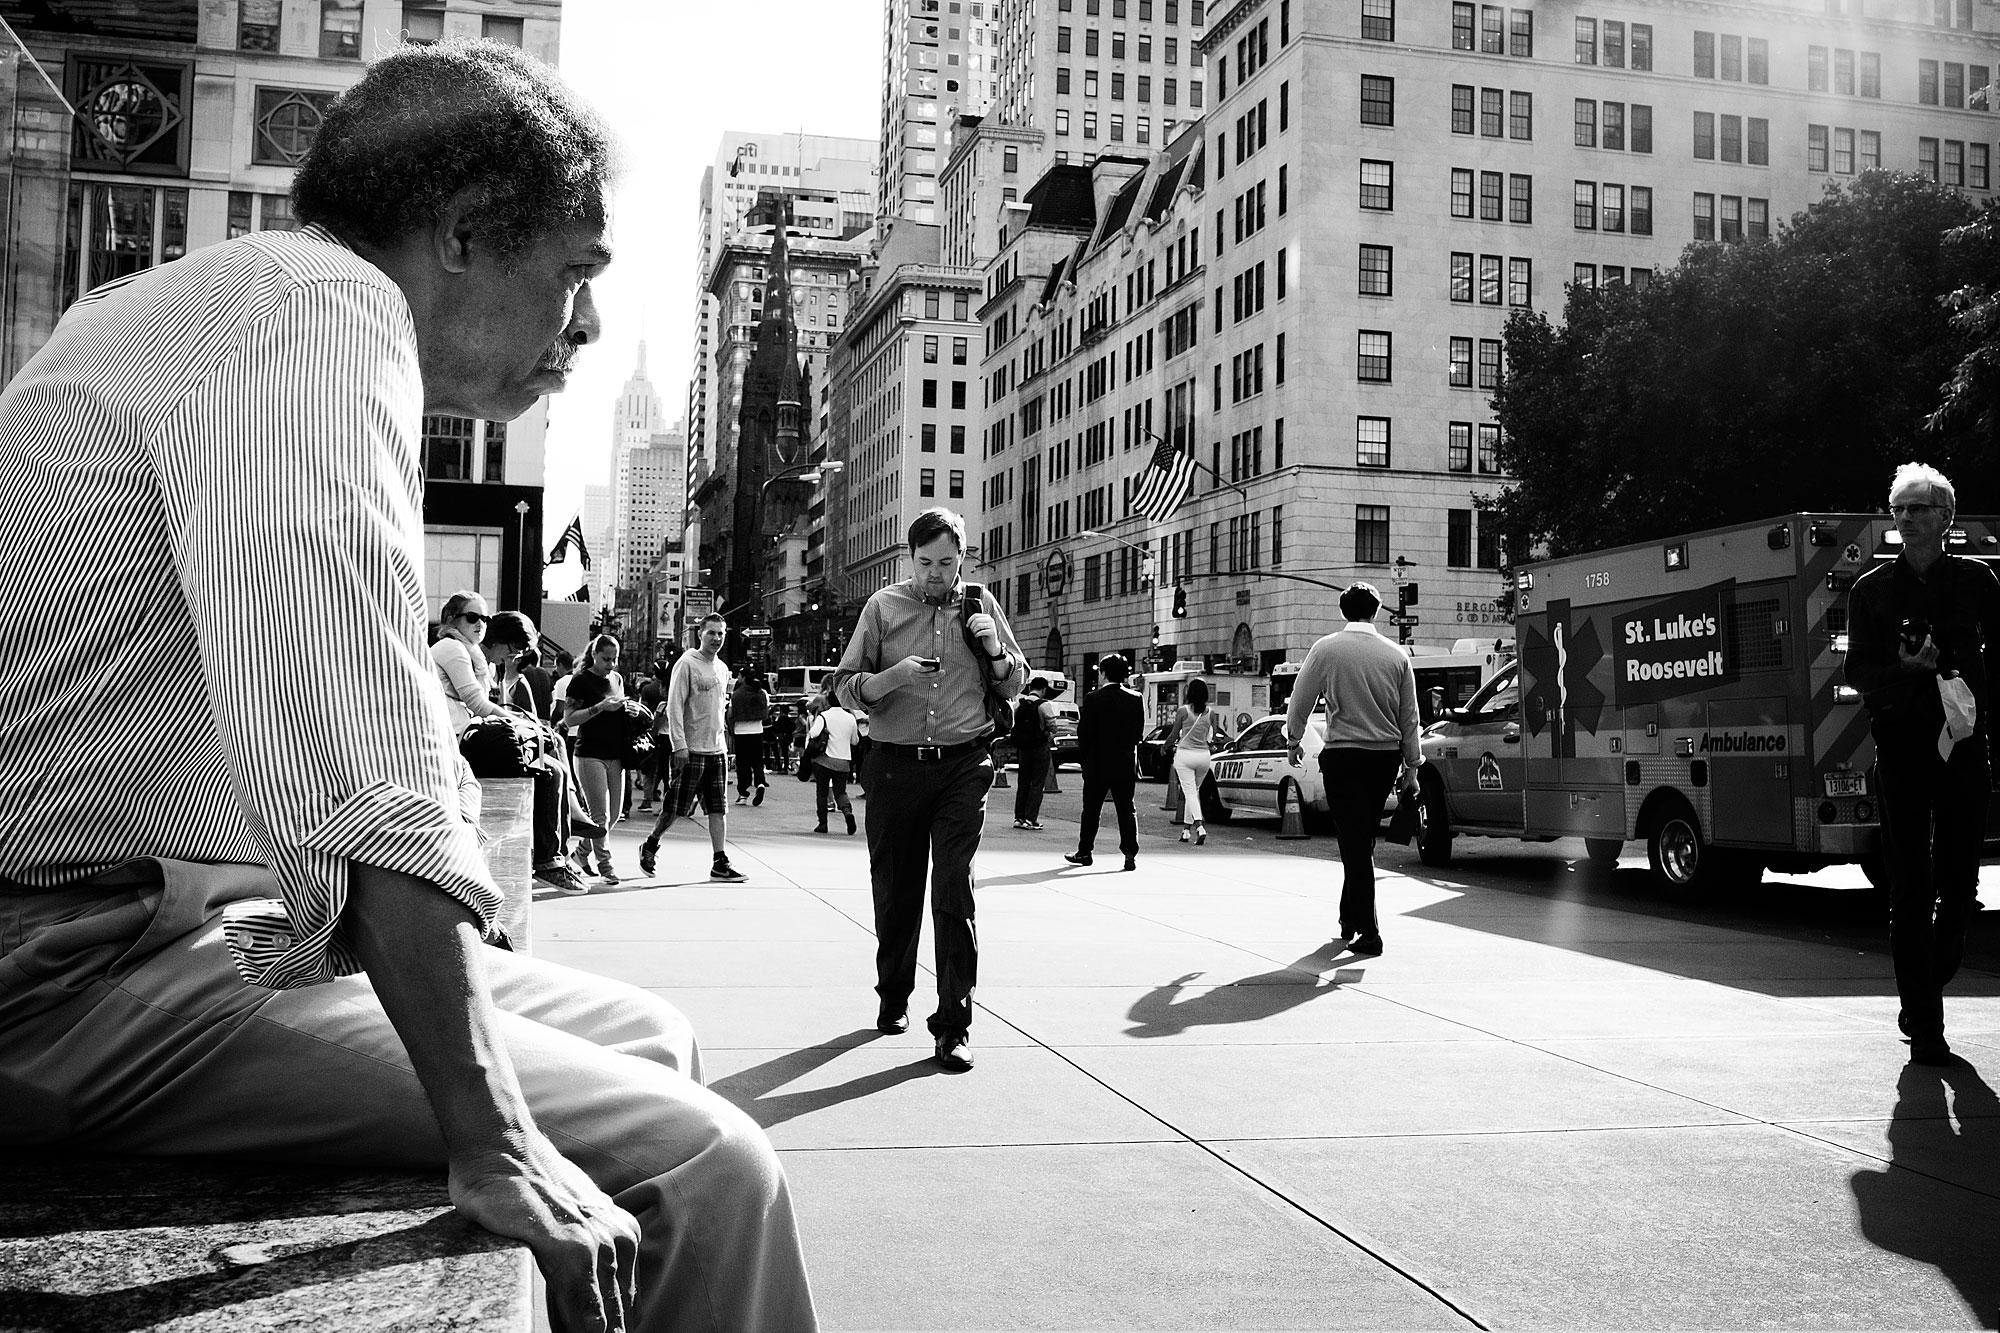 Straatbeeld New York, man rust uit op bankje